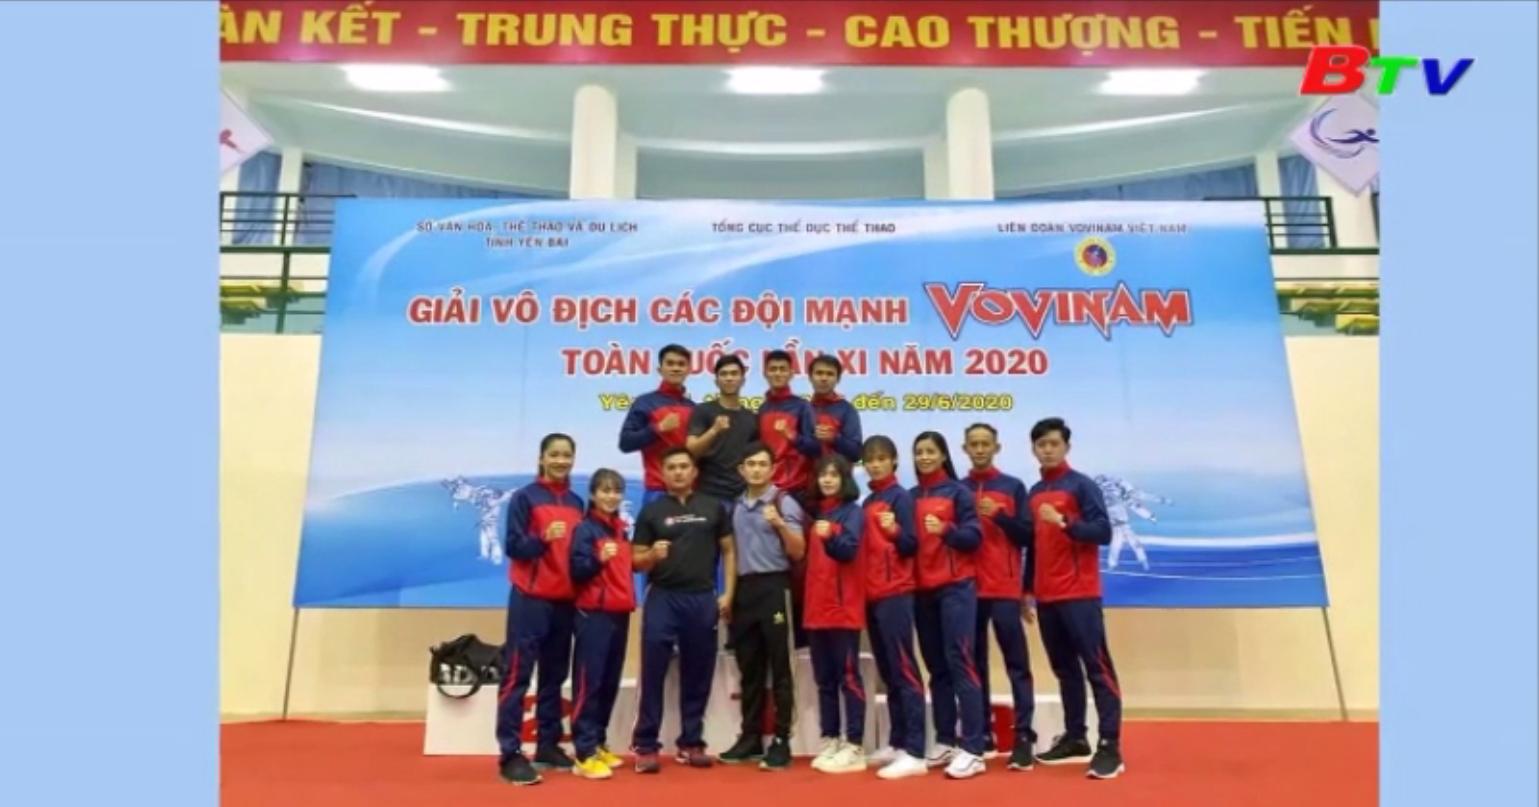 Giải vô địch các đội mạnh Vovinam toàn quốc lần XI năm 2020